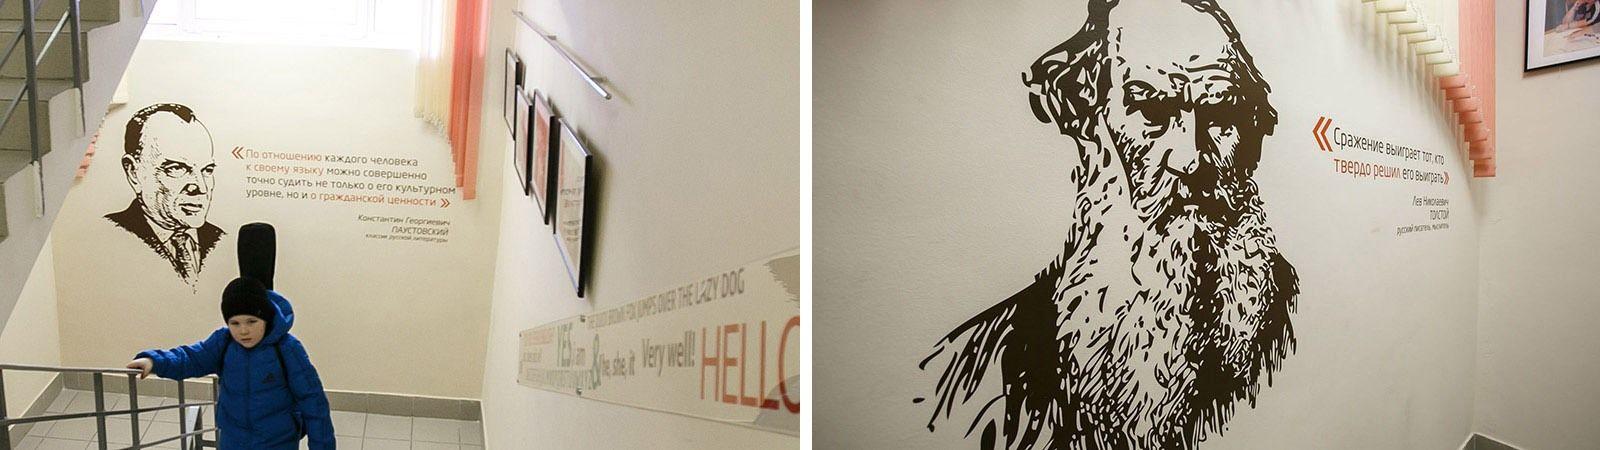 Портрые и цитаты на школьных стенах